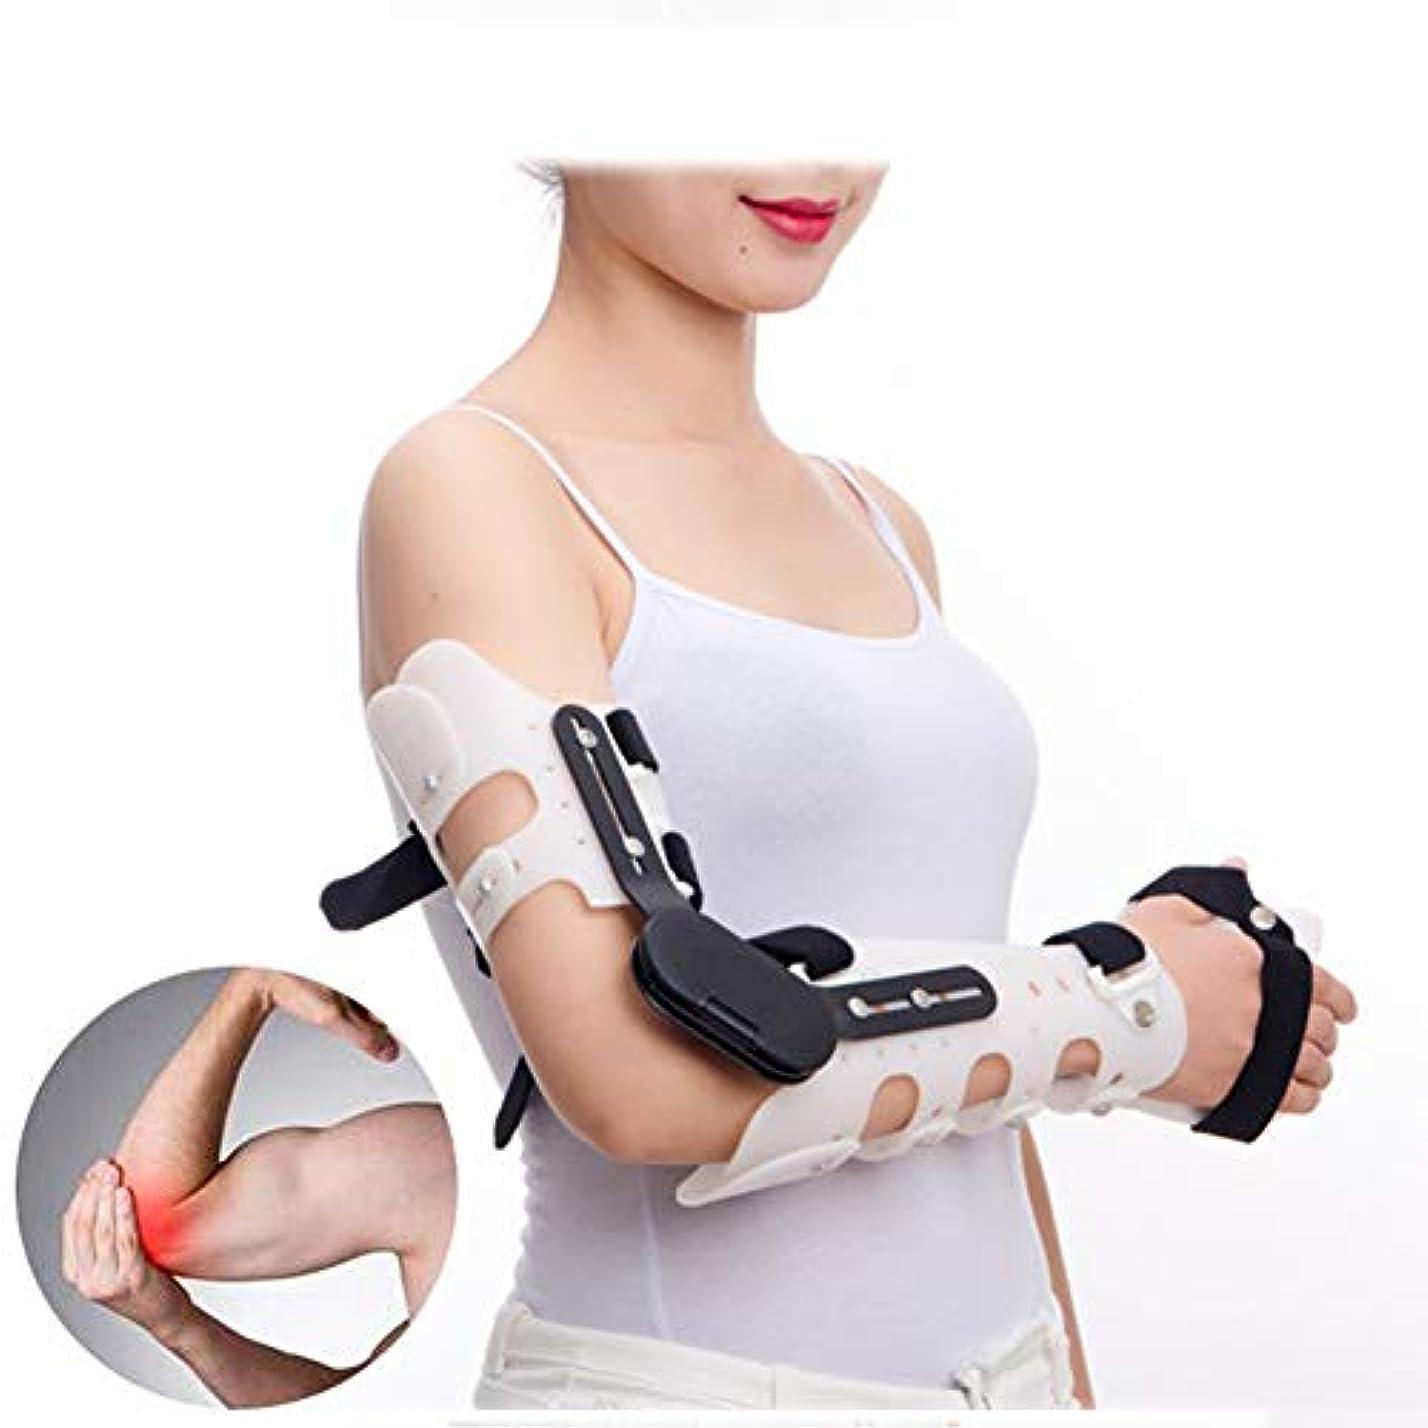 信仰サーキュレーション凝縮する骨折した腕の肘のための腕サポート腕の吊り鎖、鎮痛剤および固定のための装具ROMのためのサポート肘 - 1サイズ - 男女兼用